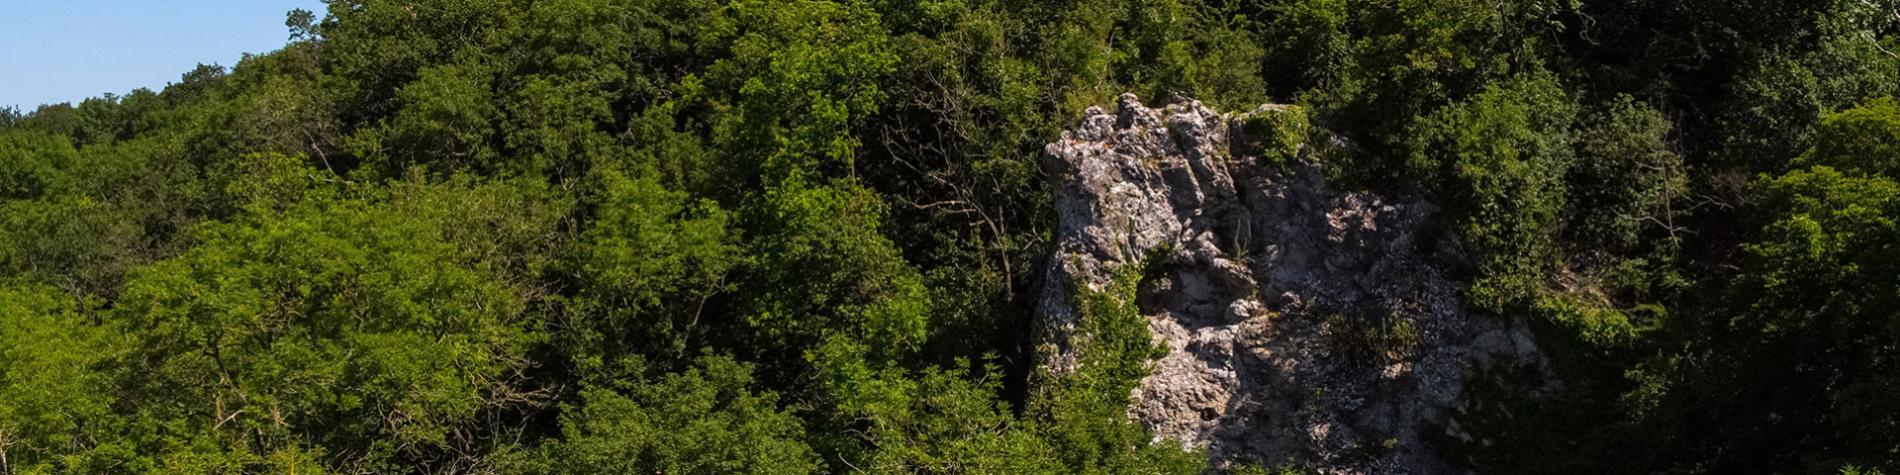 Grotte de Spy - site paléolithique - Homme de Néandertal